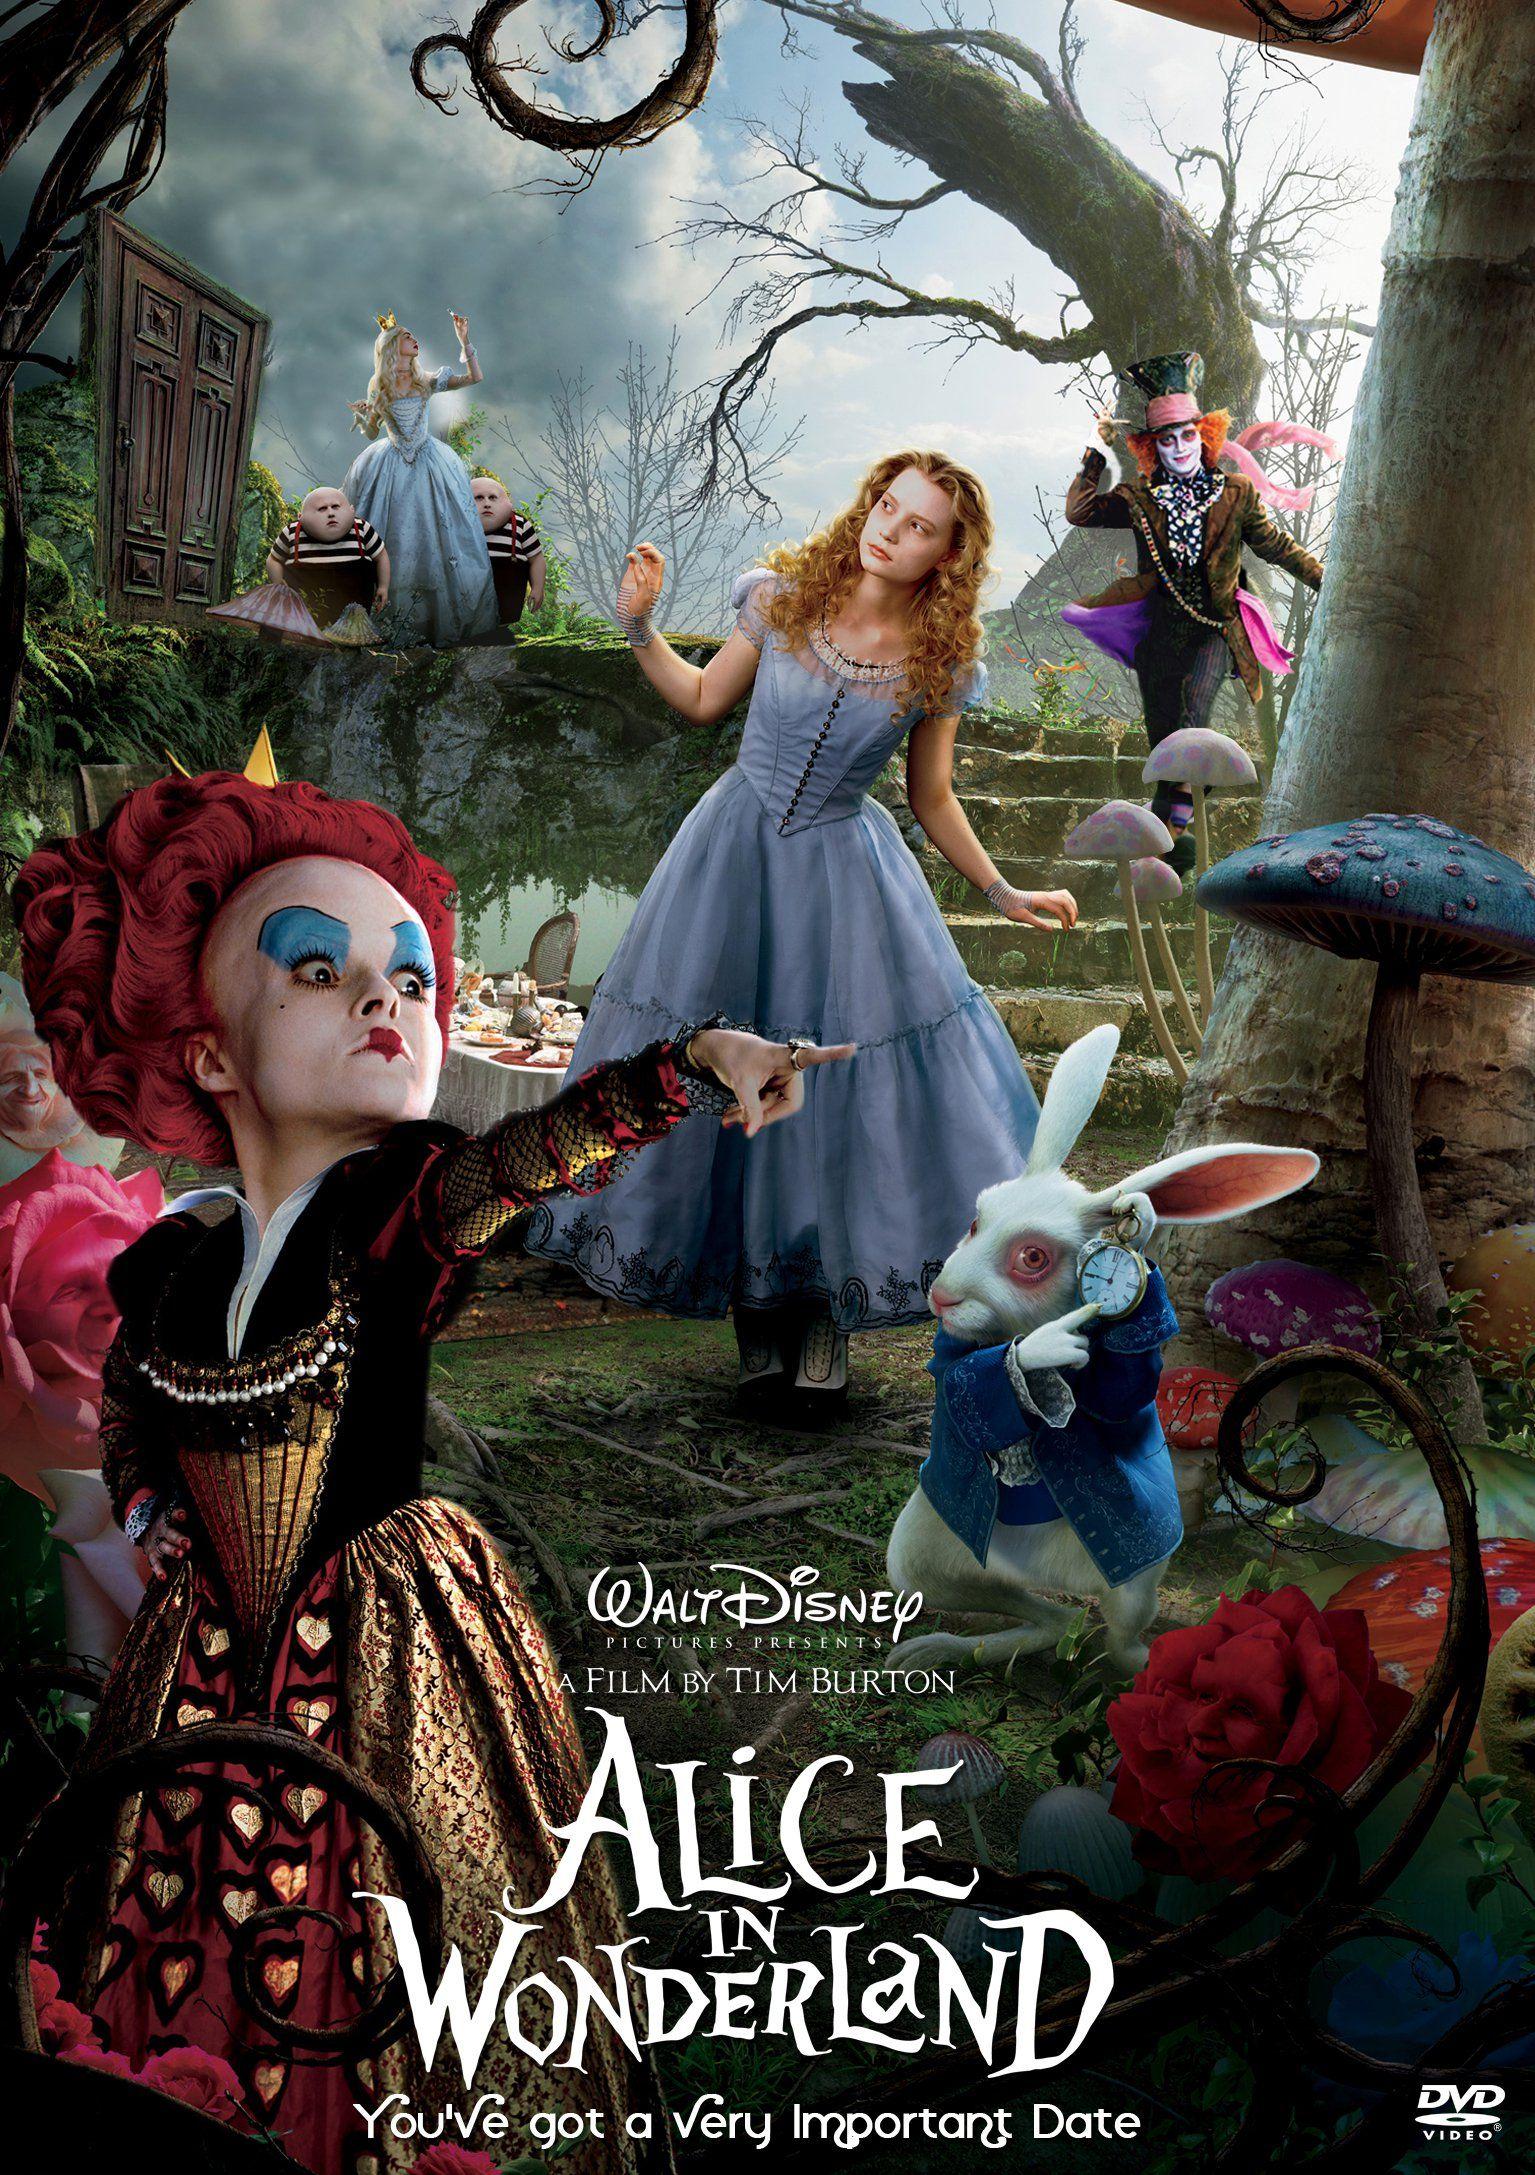 5169 Jpg 1535 2175 Filme Alice No Pais Das Maravilhas Alice No Pais Das Maravilhas Cartazes De Cinema